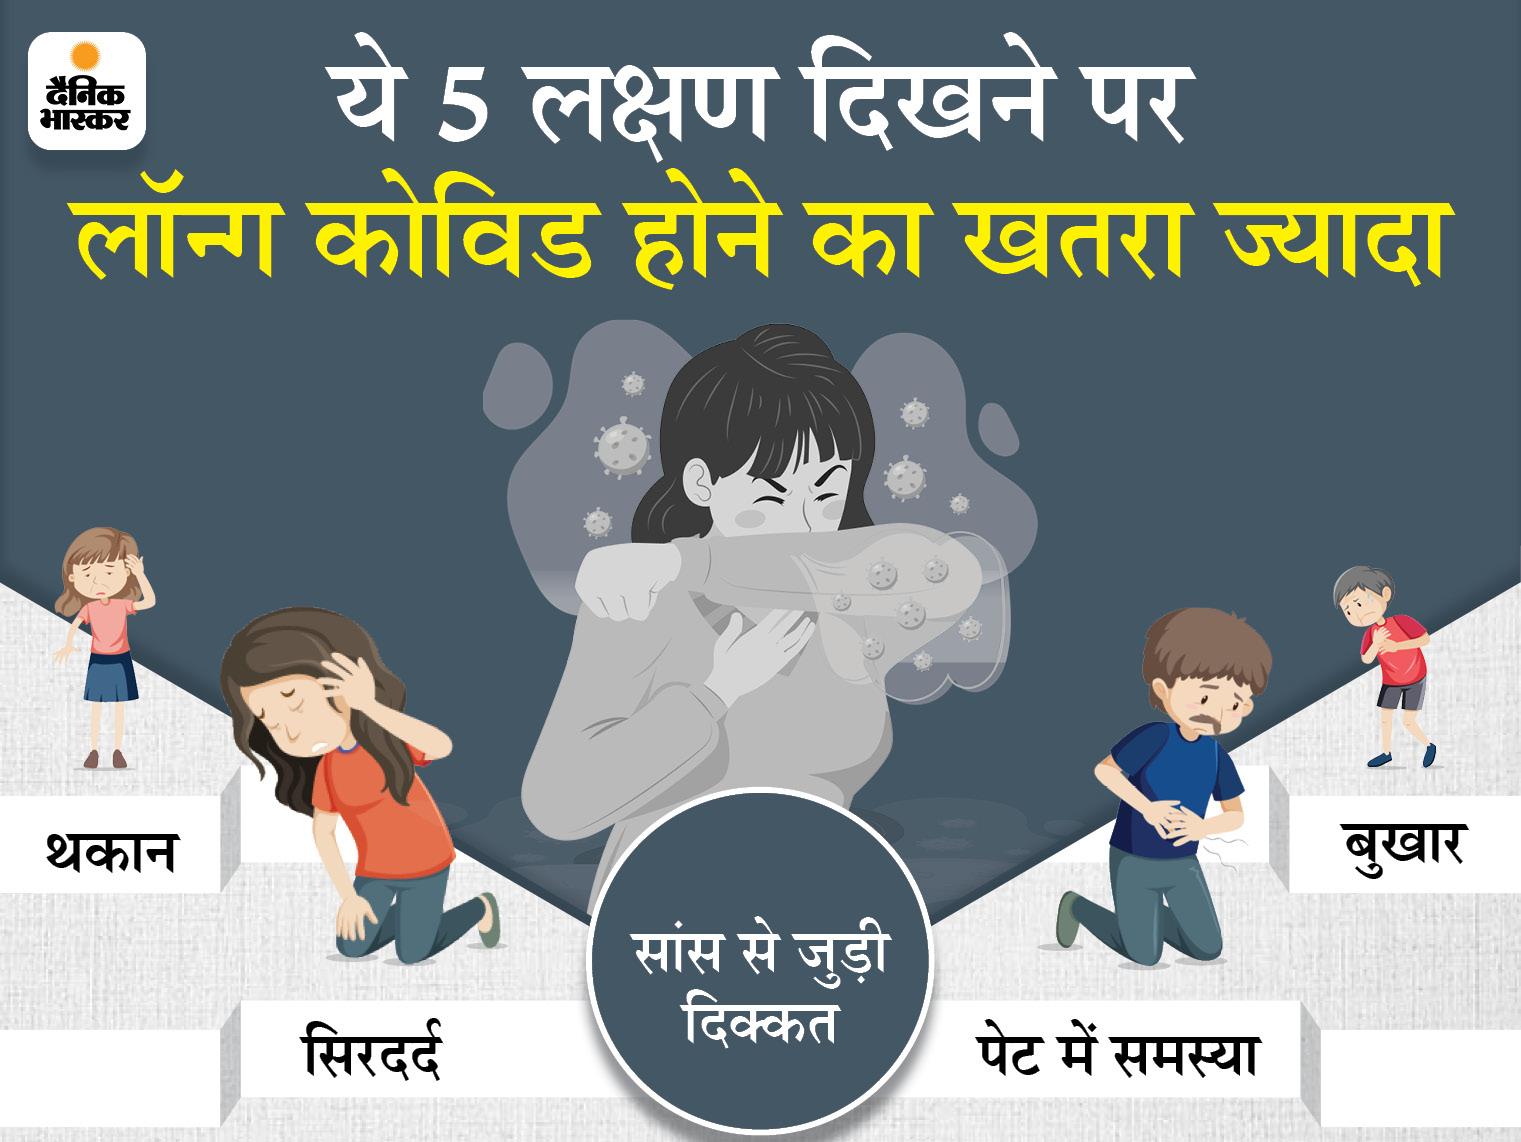 संक्रमण के पहले हफ्ते में थकान, सिरदर्द और सांस से जुड़ी दिक्कत जैसे 5 लक्षण दिखने पर लॉन्ग कोविड होने का खतरा, ब्रिटिश शोधकर्ताओं का दावा|लाइफ & साइंस,Happy Life - Dainik Bhaskar